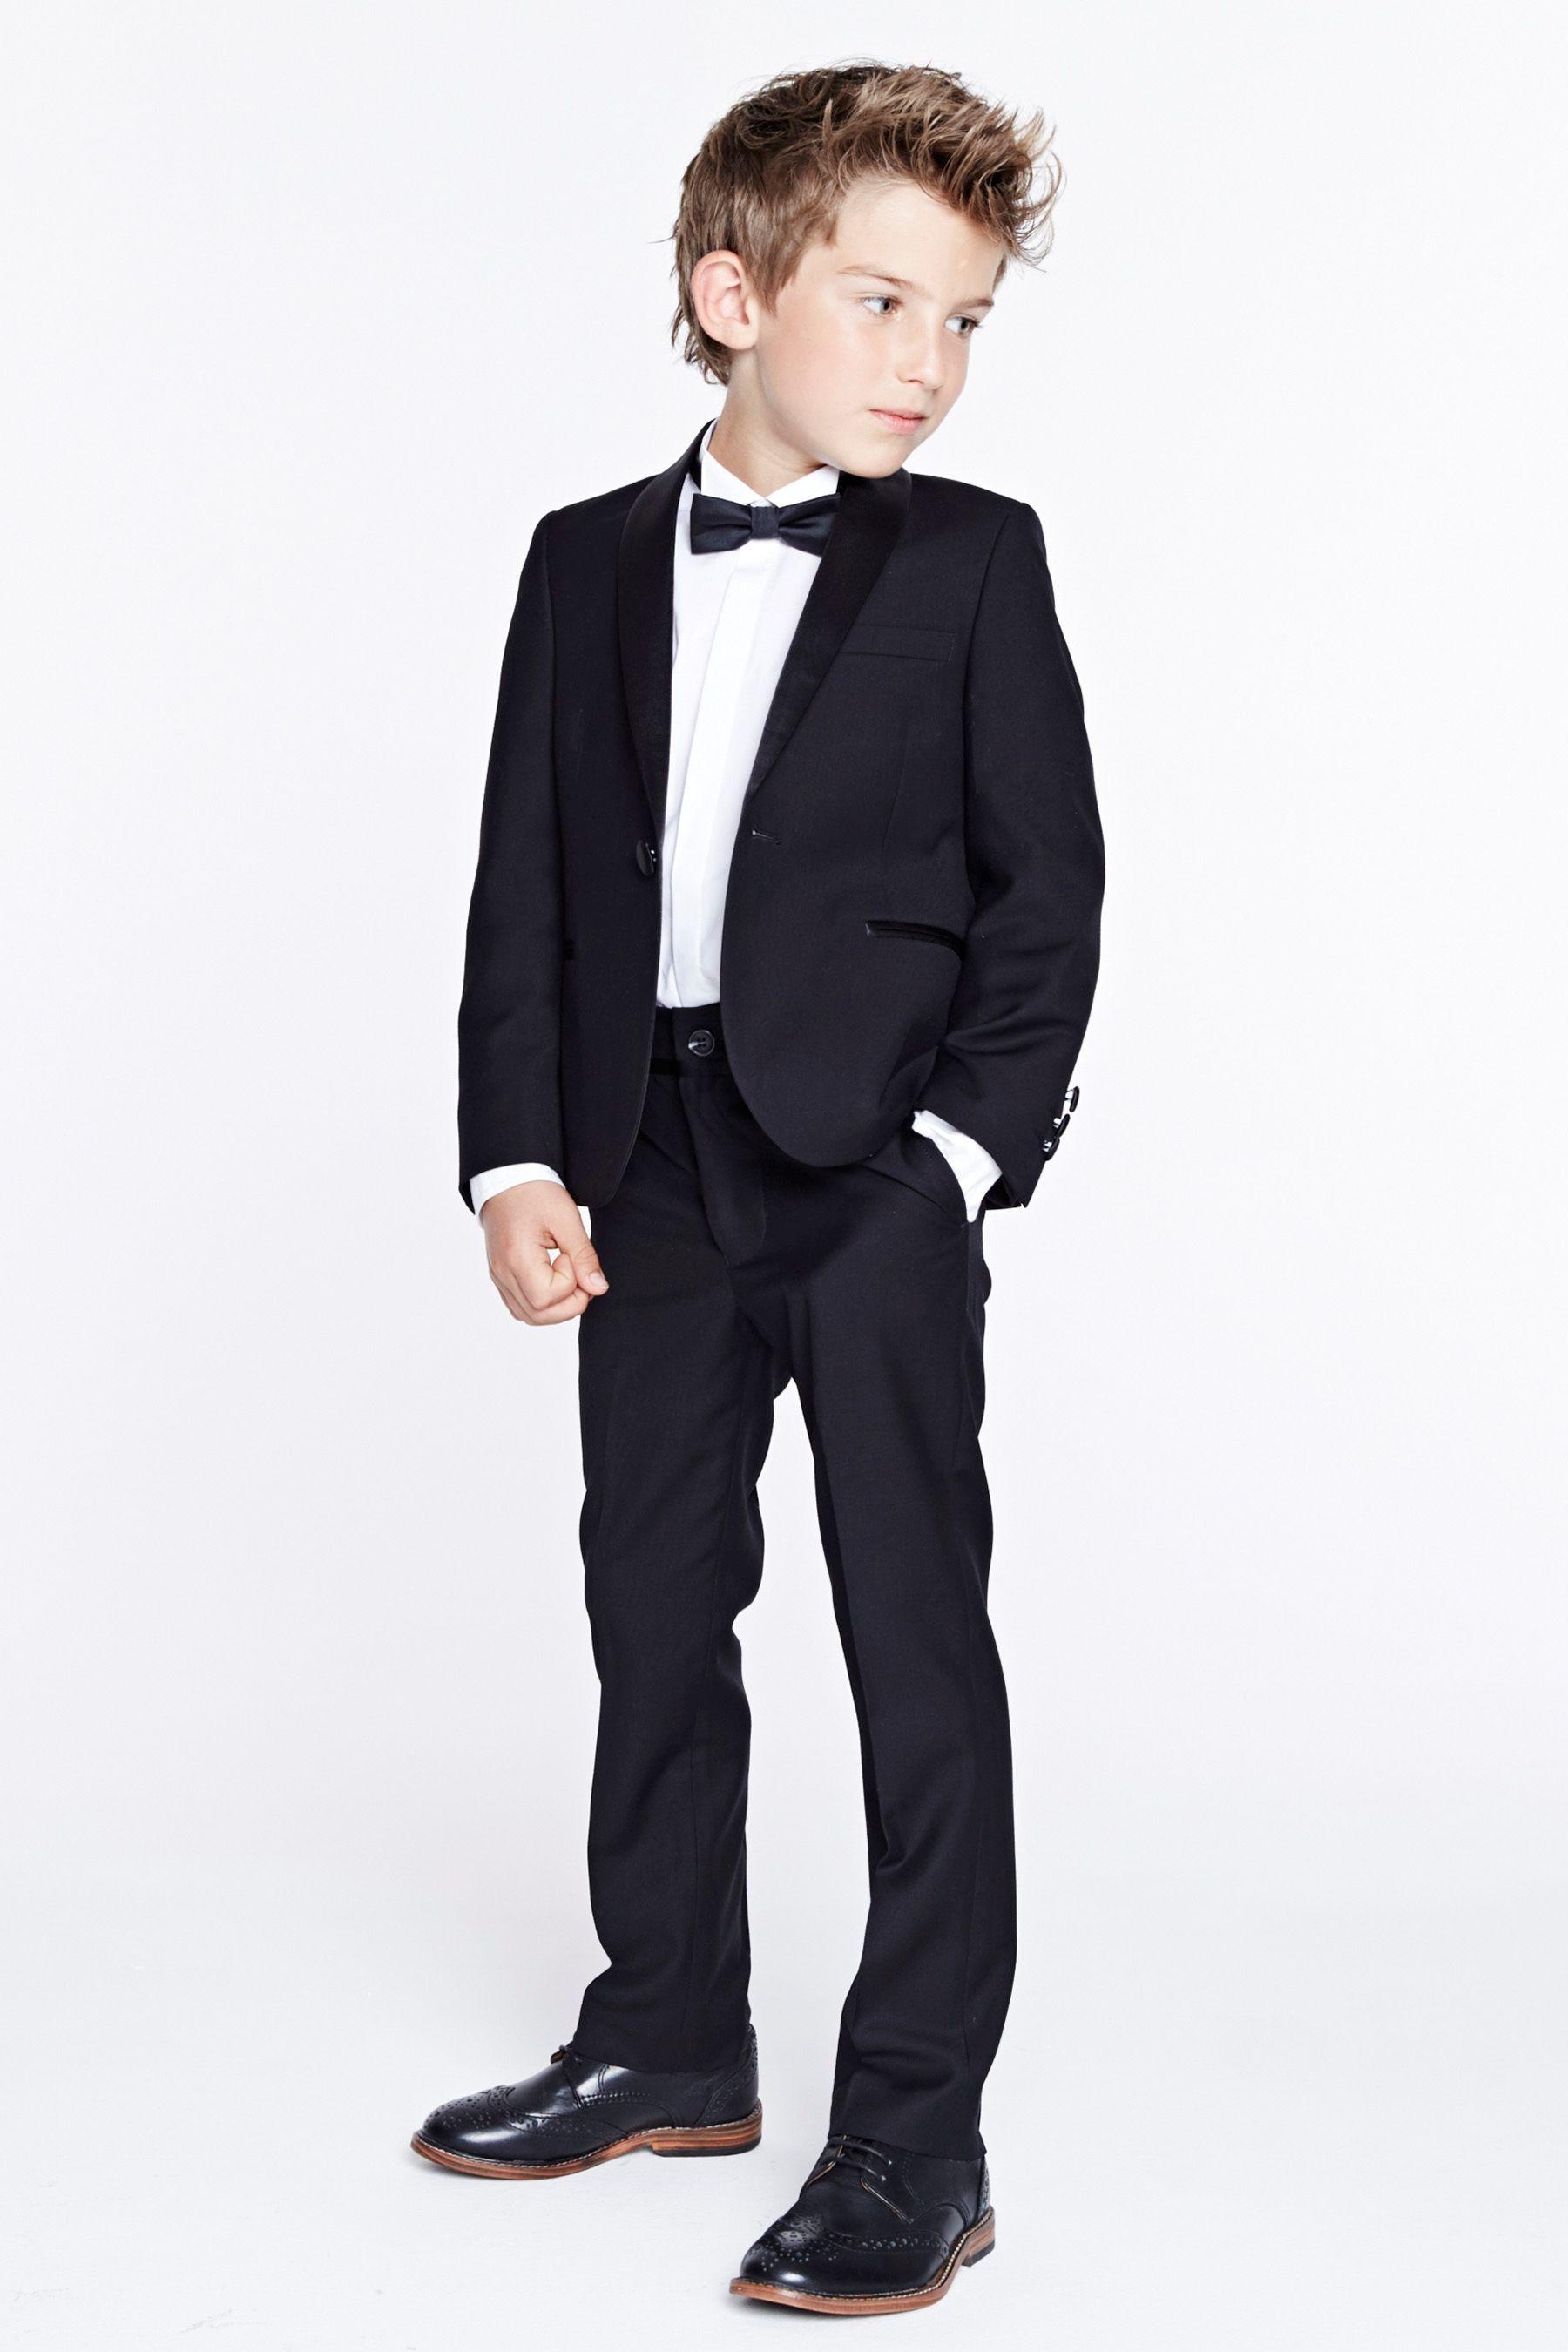 Buy Black Tuxedo Jacket (3mths-16yrs) - 105-259 | Next UK ...